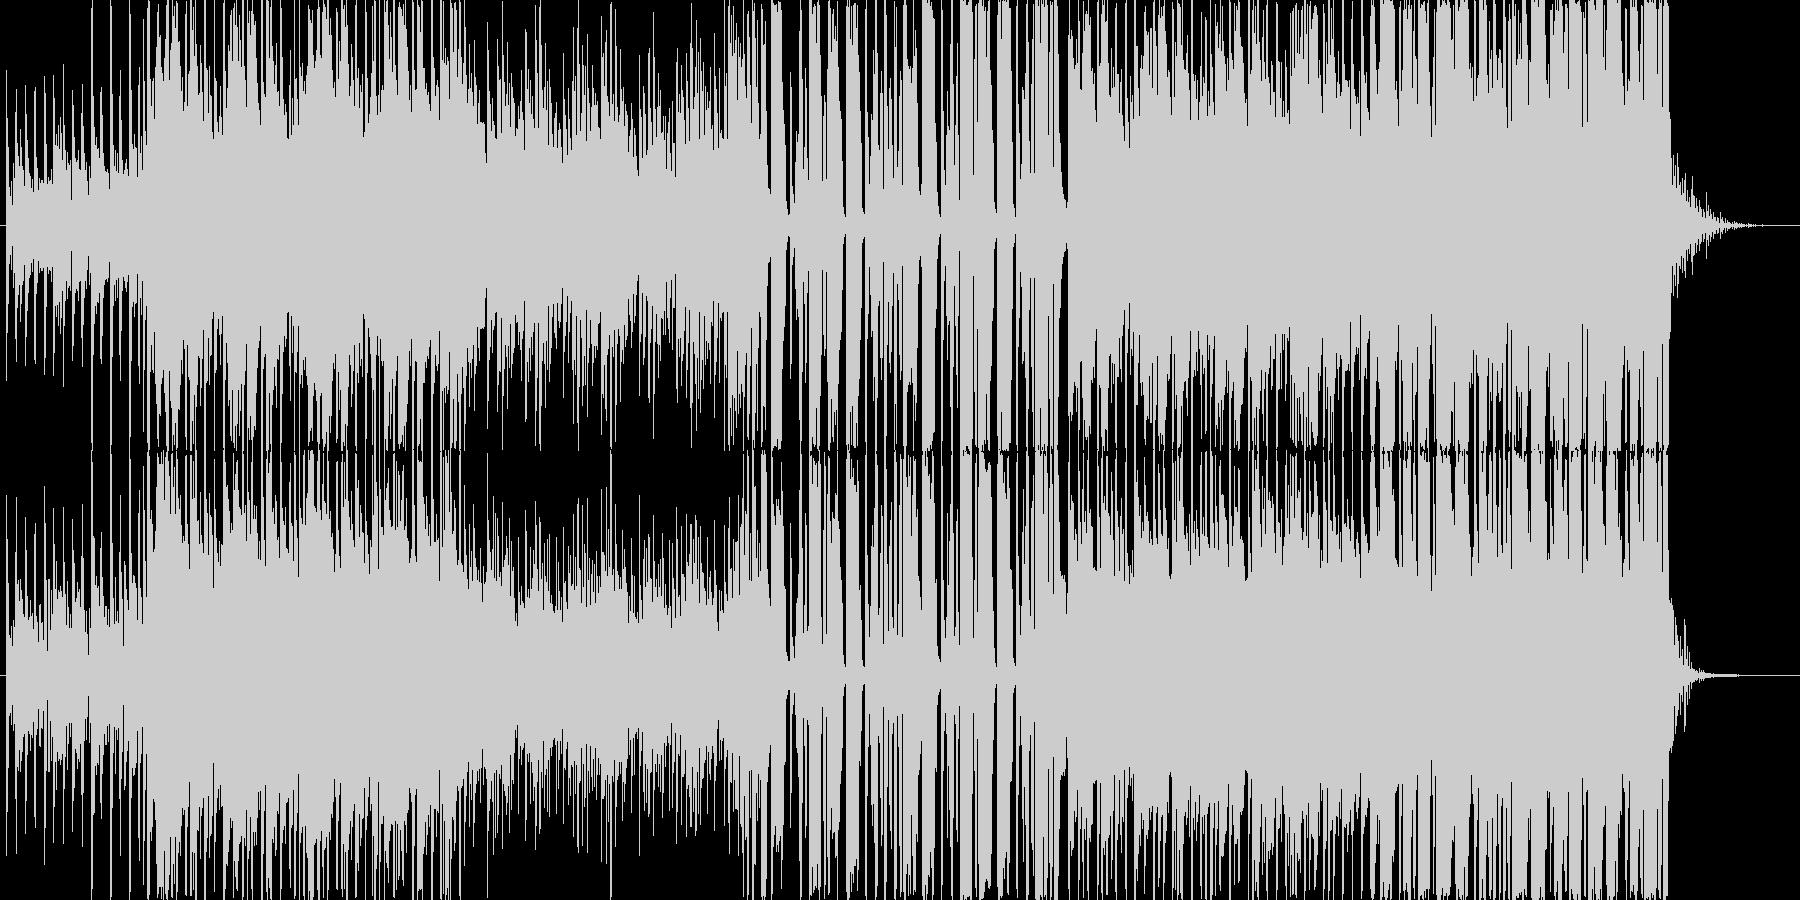 軽快なポップ・ロックの未再生の波形